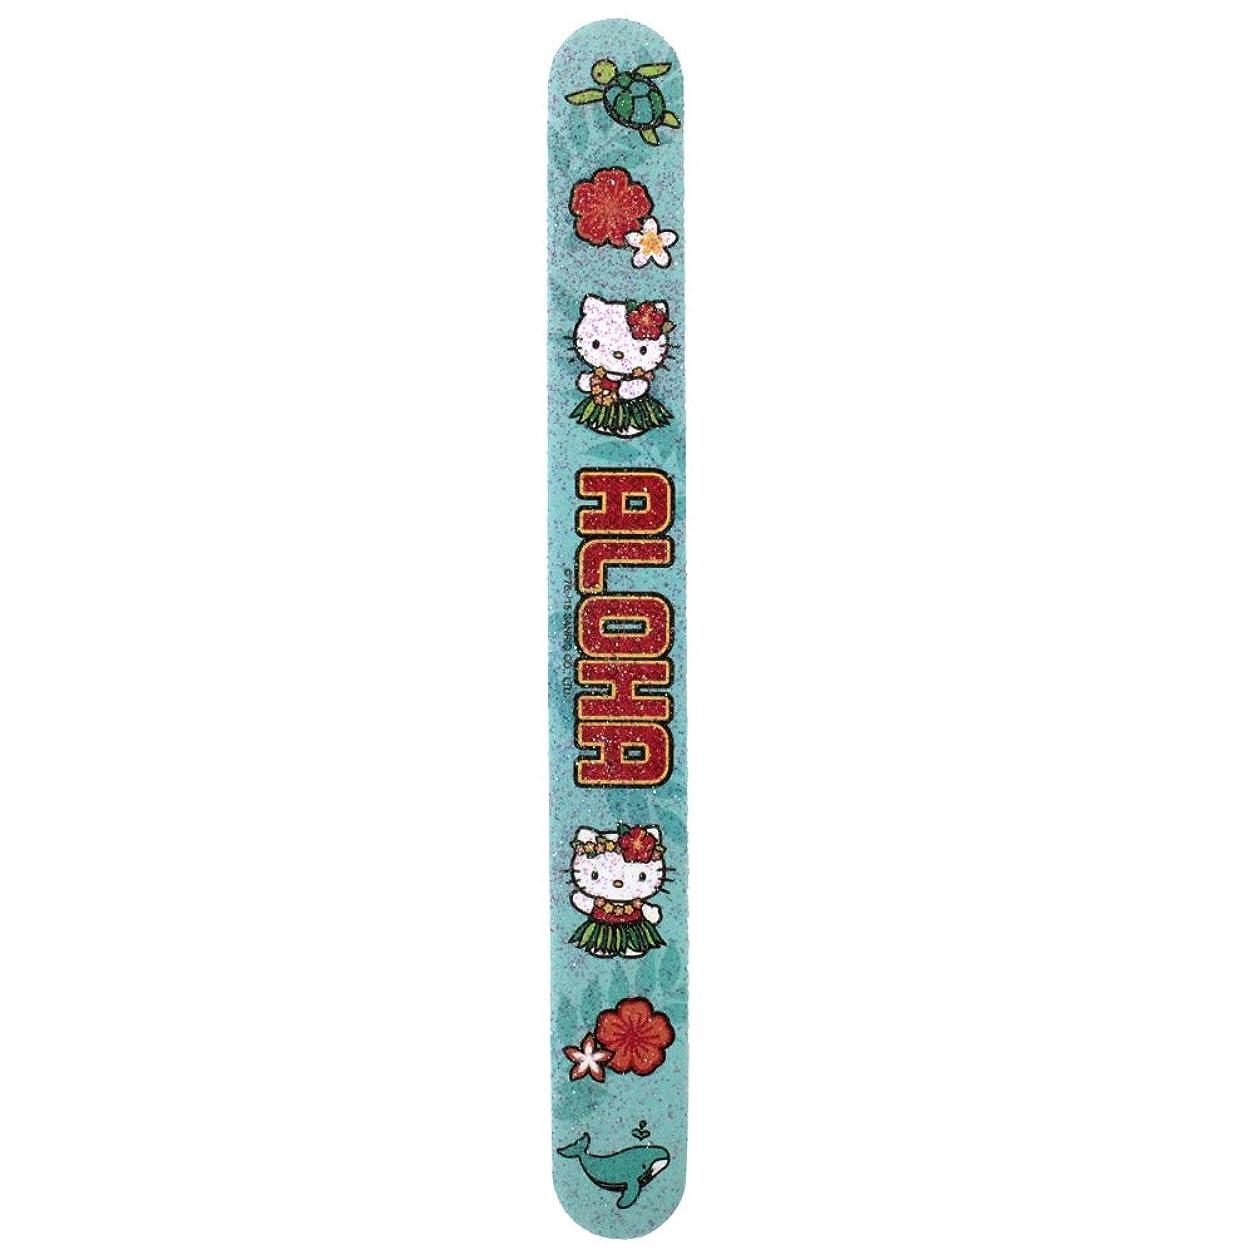 変数最大限クリスマスIsland Heritage ハローキティ エメリーボード(フラキティ)